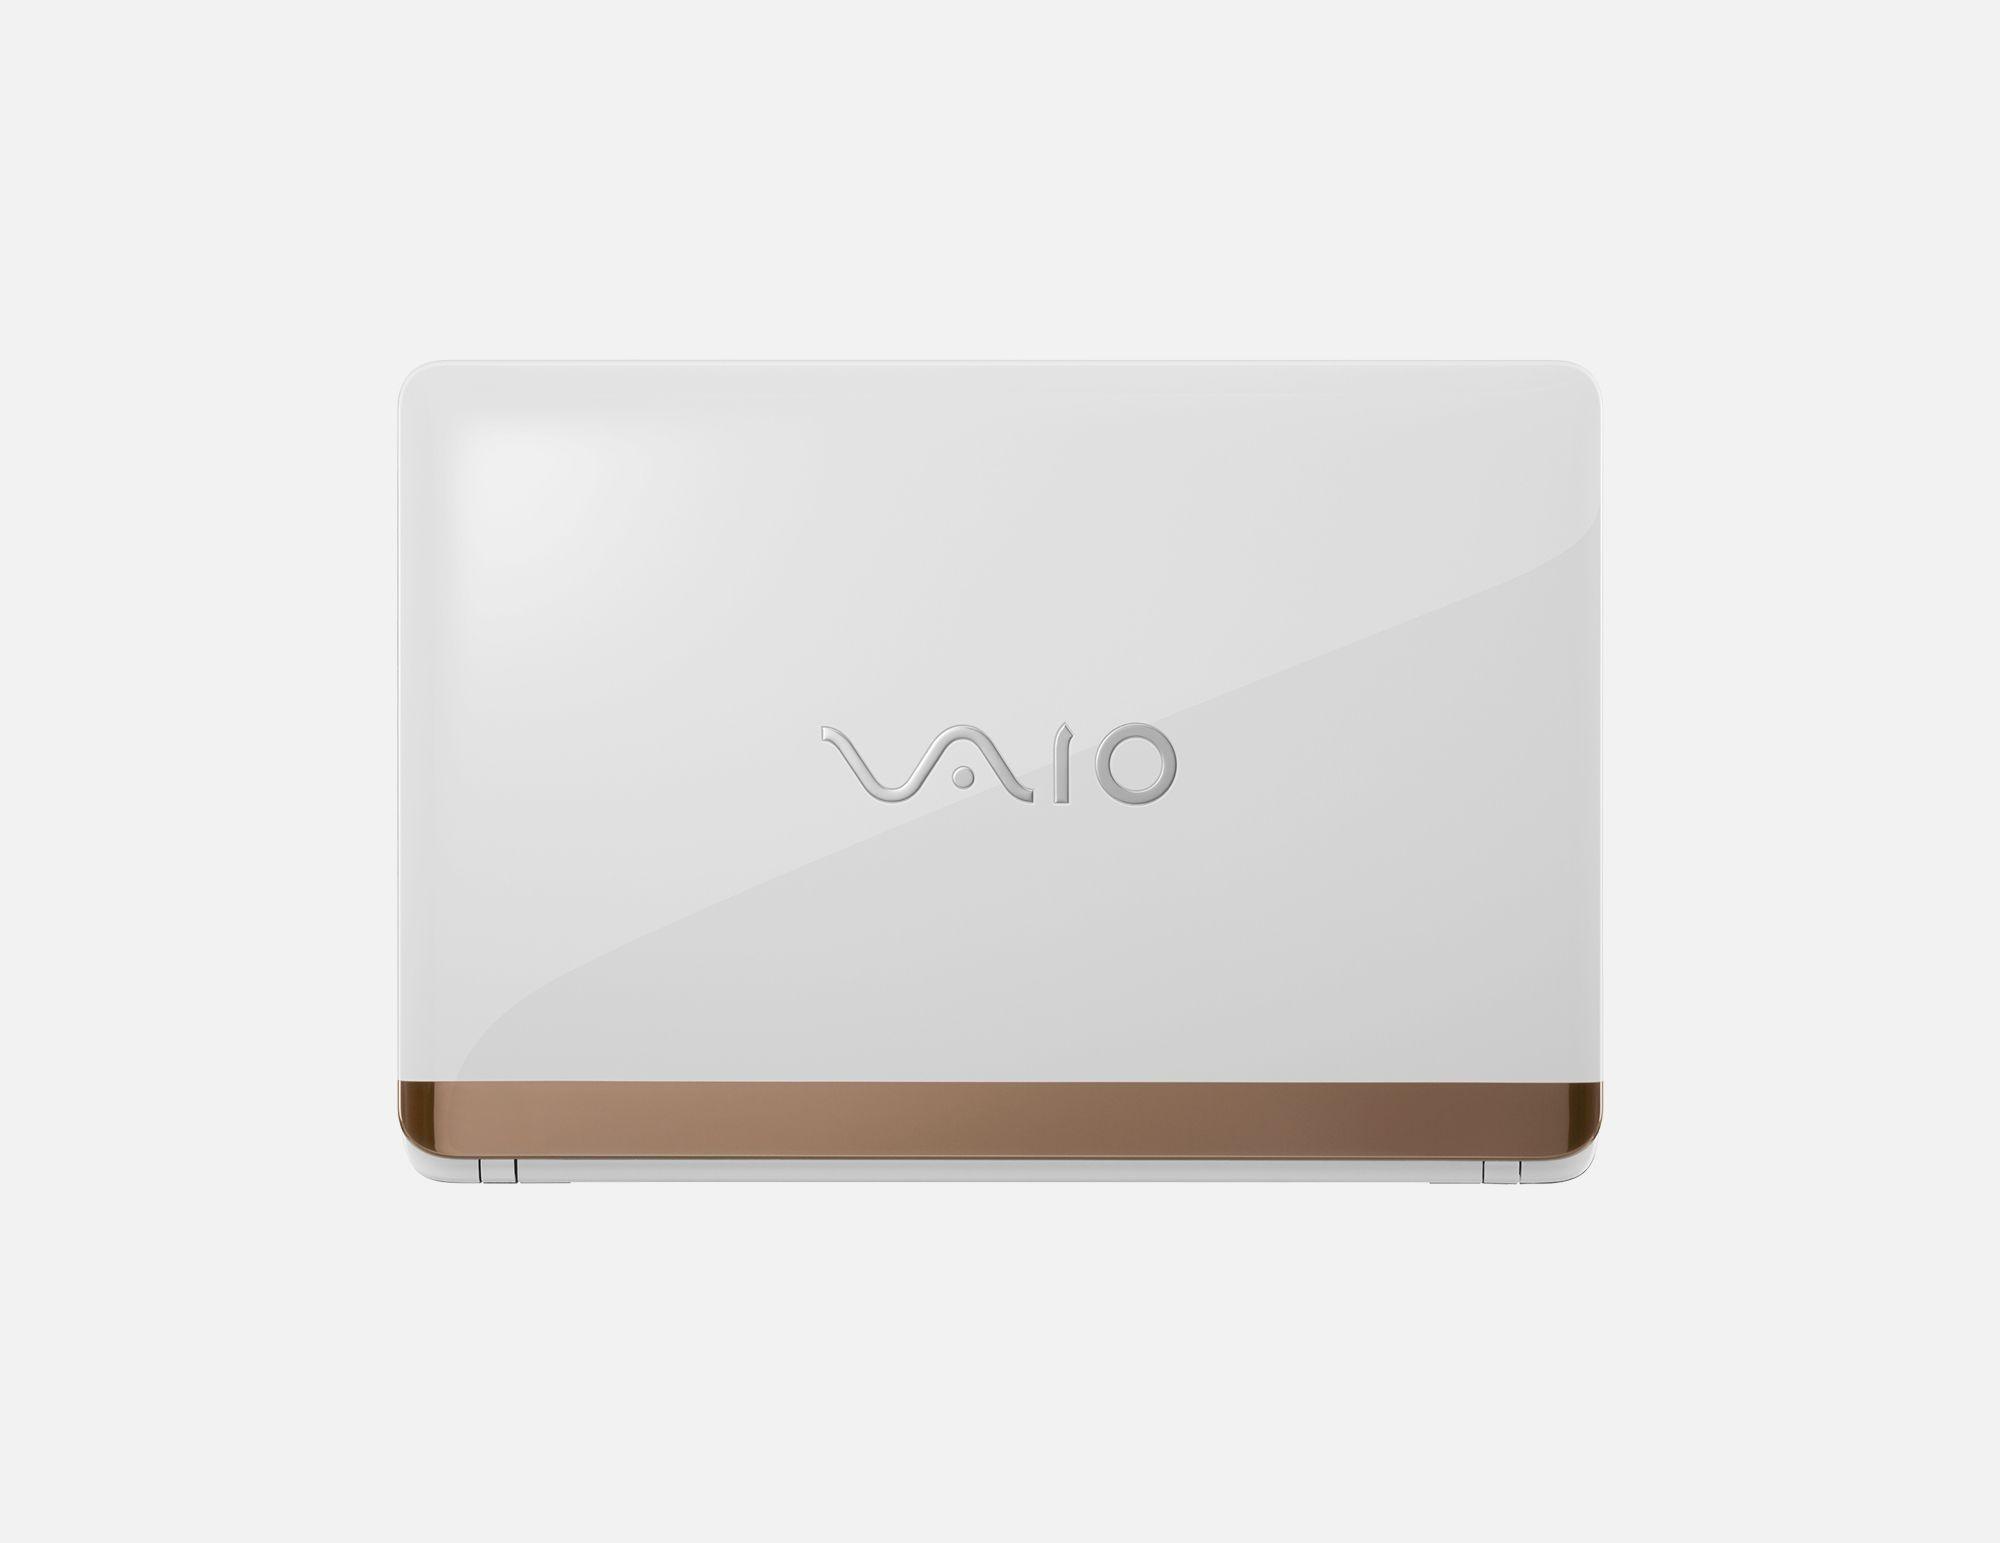 """""""I like it."""" PC VAIO C15 PCだって「これ、好き」で選んだっていい。自分に合ったインテリアや服やバッグのように、日々の気分、仕事するときの気持ちを高めてくれるような、個性的なカラーリング、デザイン。"""